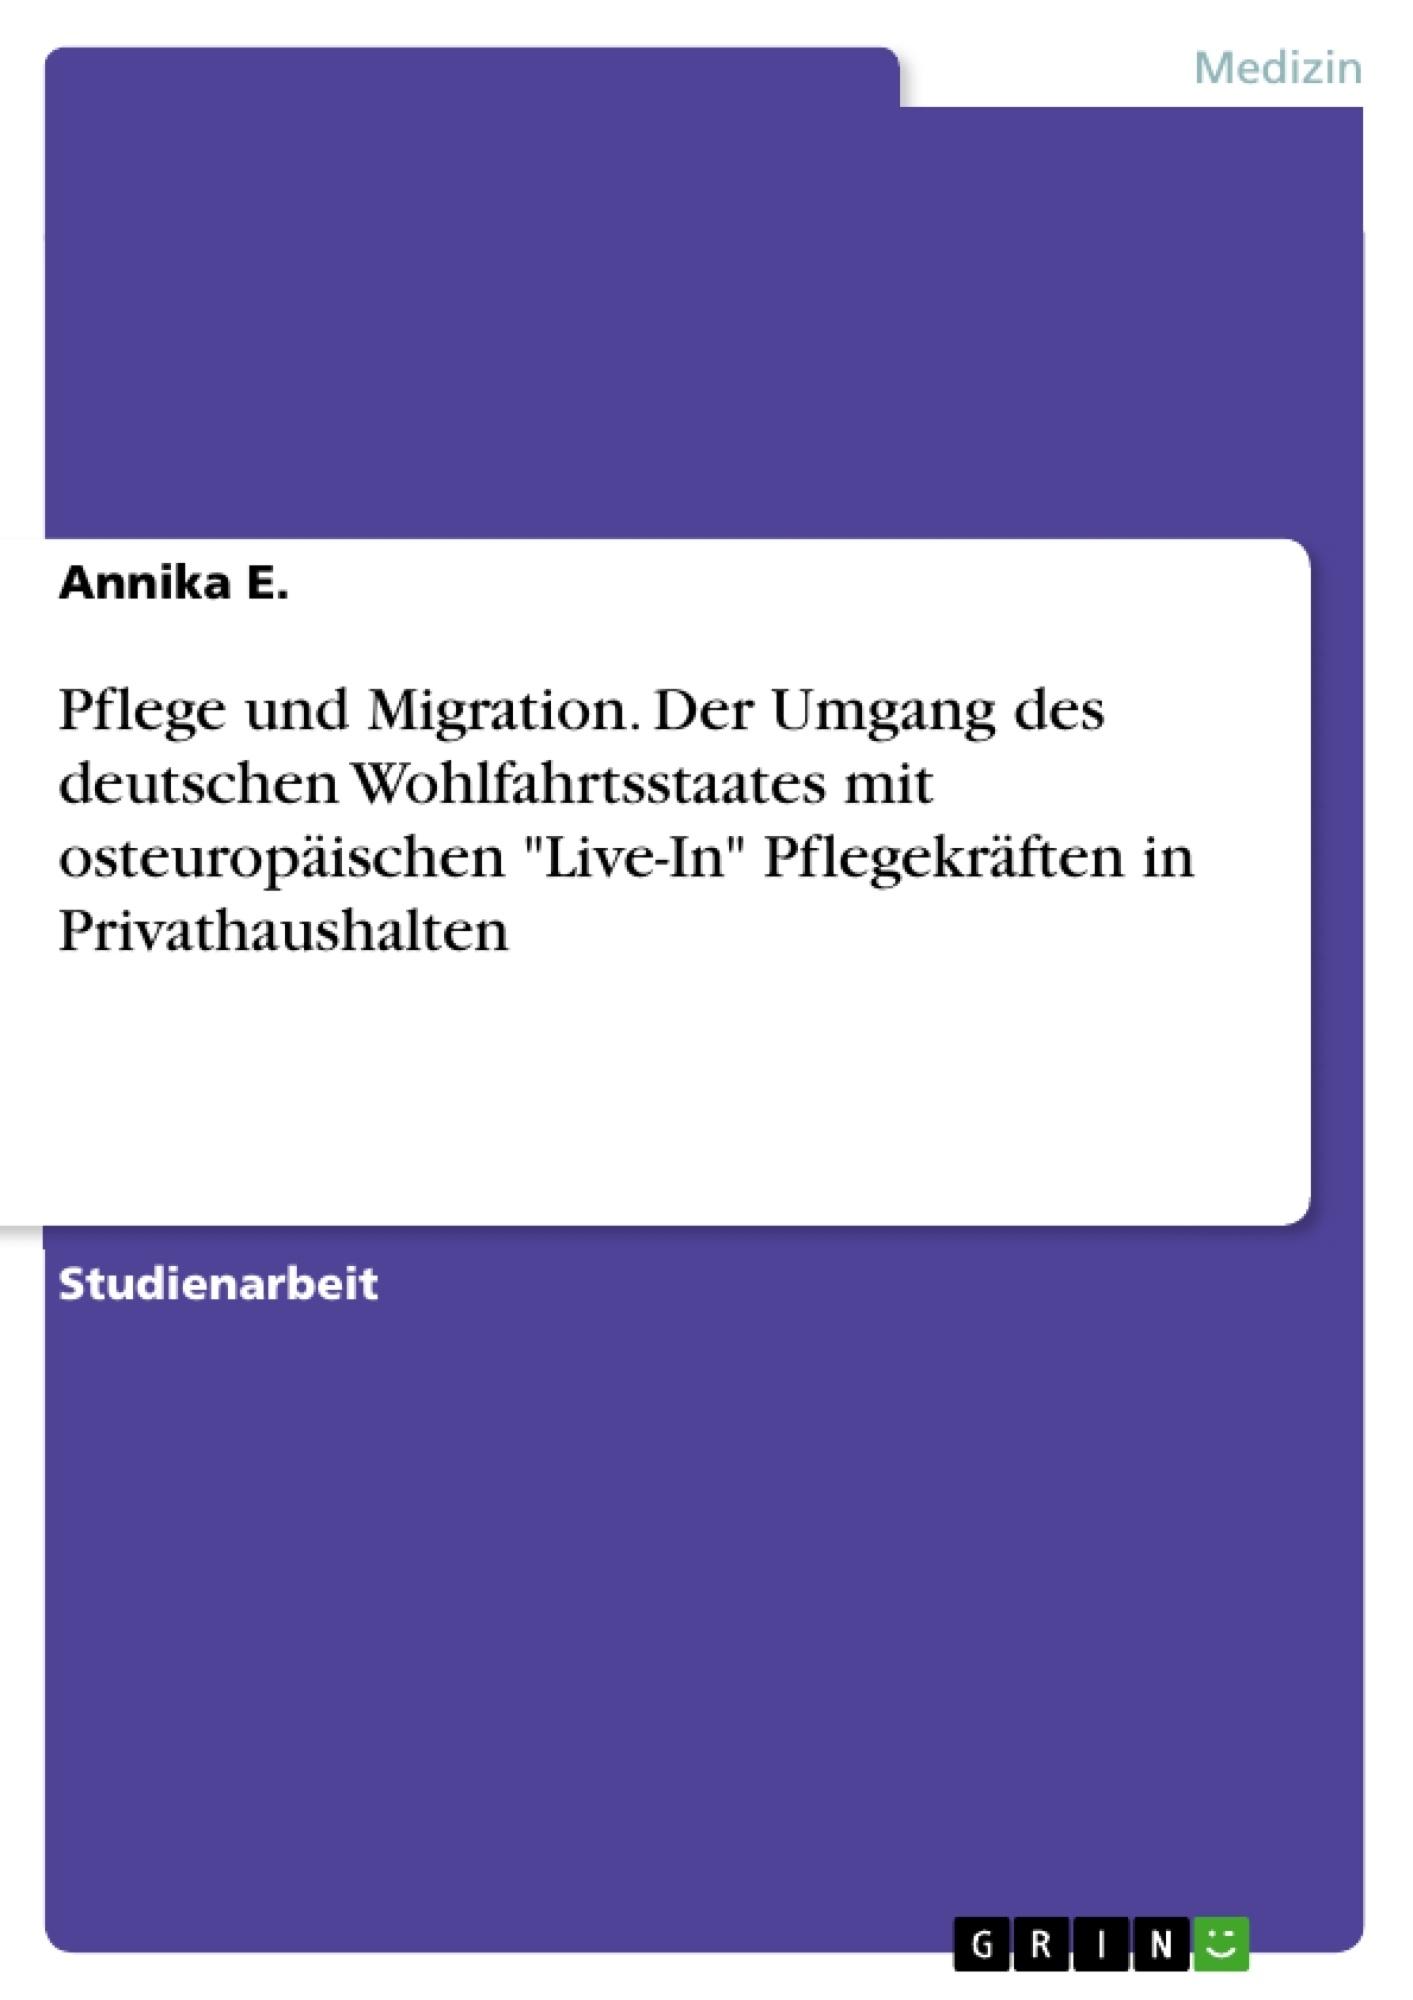 """Titel: Pflege und Migration. Der Umgang des deutschen Wohlfahrtsstaates mit osteuropäischen """"Live-In"""" Pflegekräften in Privathaushalten"""